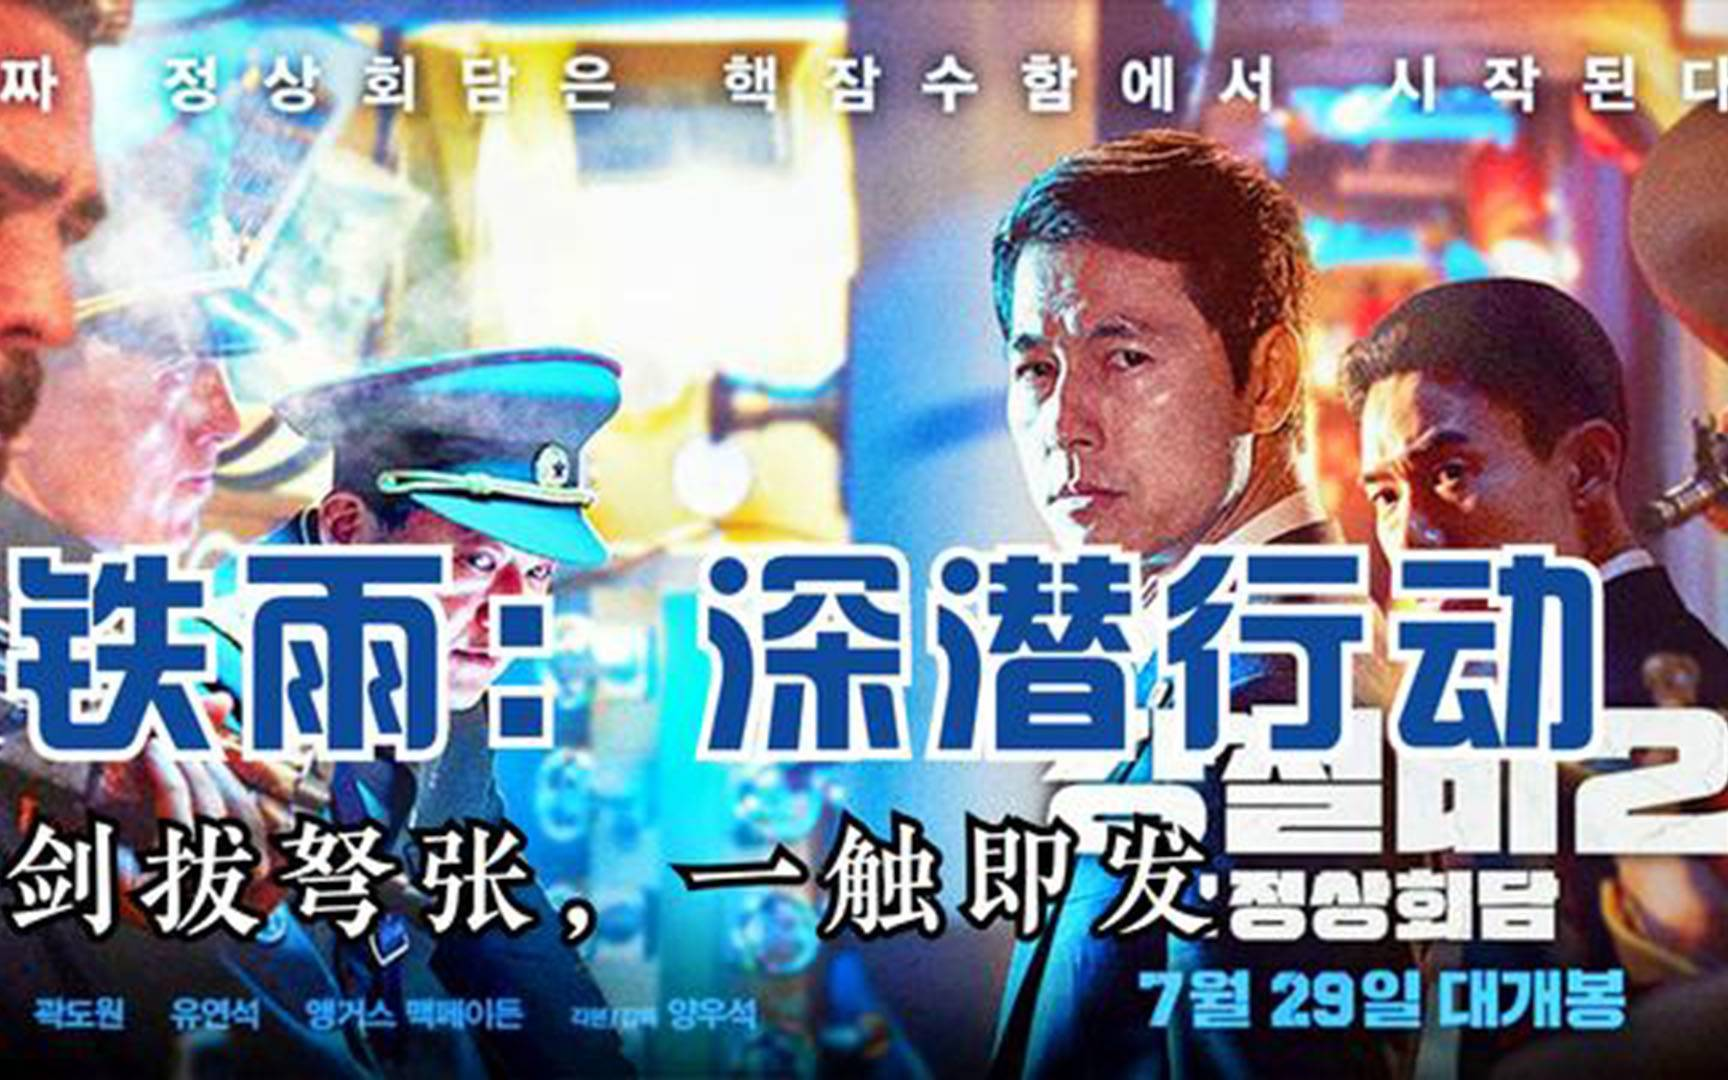 韩国火爆大片《铁雨2》:东亚三国剑拔弩张,危机一触即发